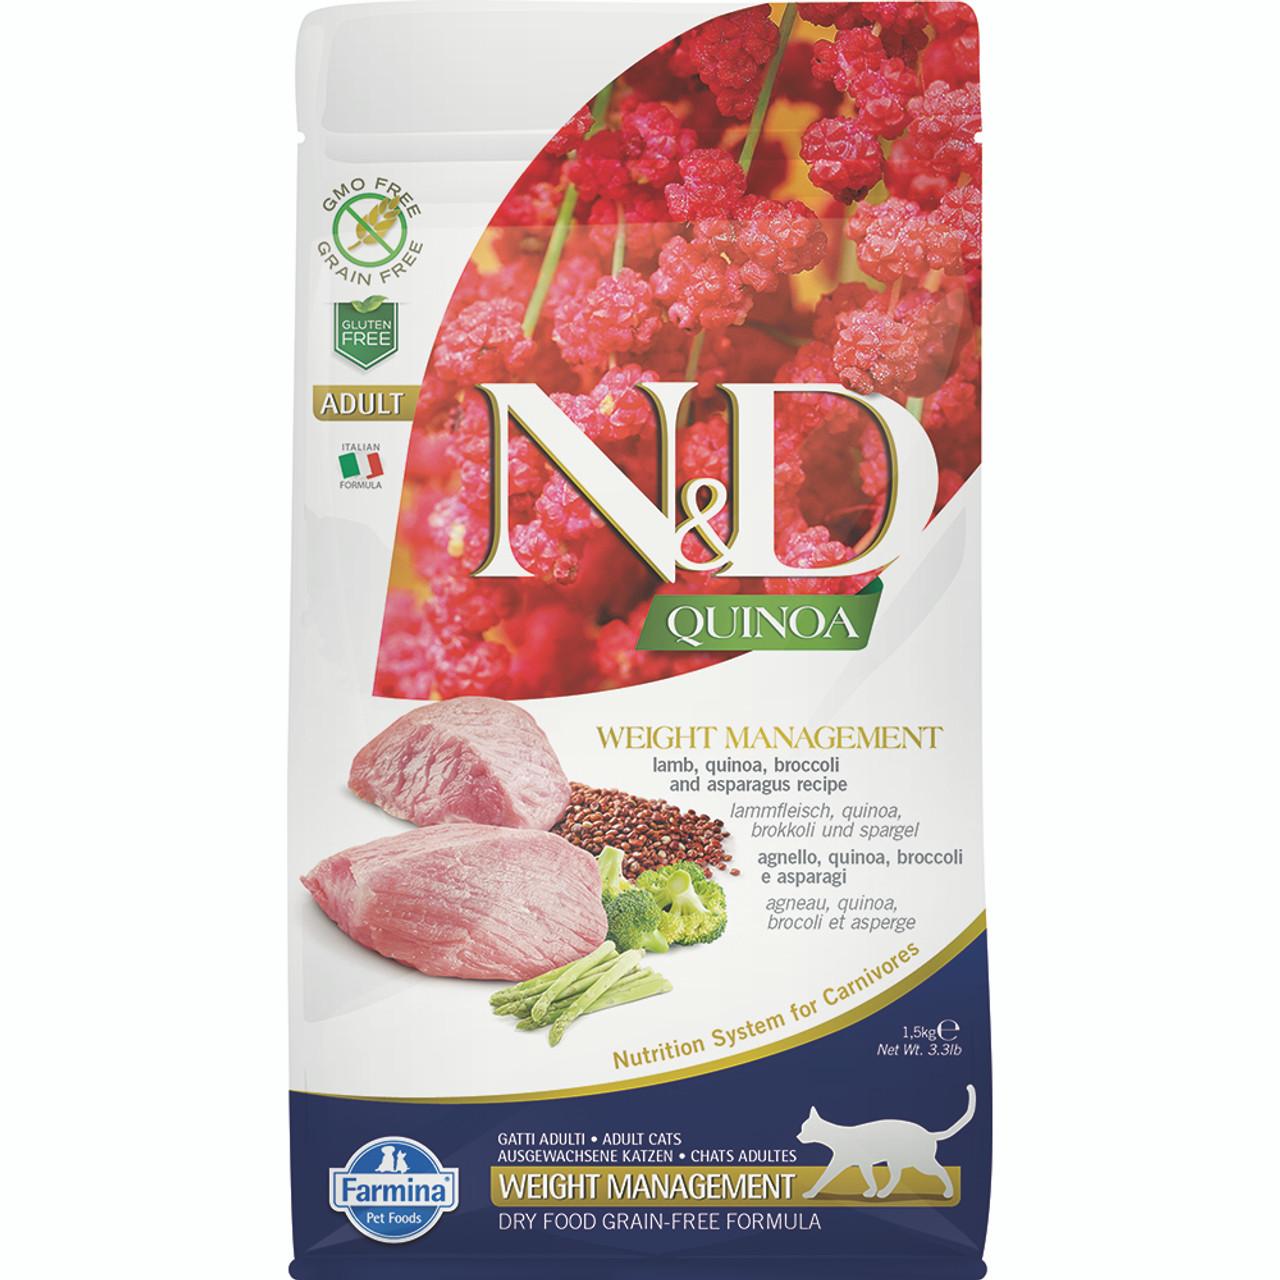 Farmina N&D Quinoa Weight Management Lamb, Quinoa, Broccoli and Asparagus Recipe Adult Dry Cat Food